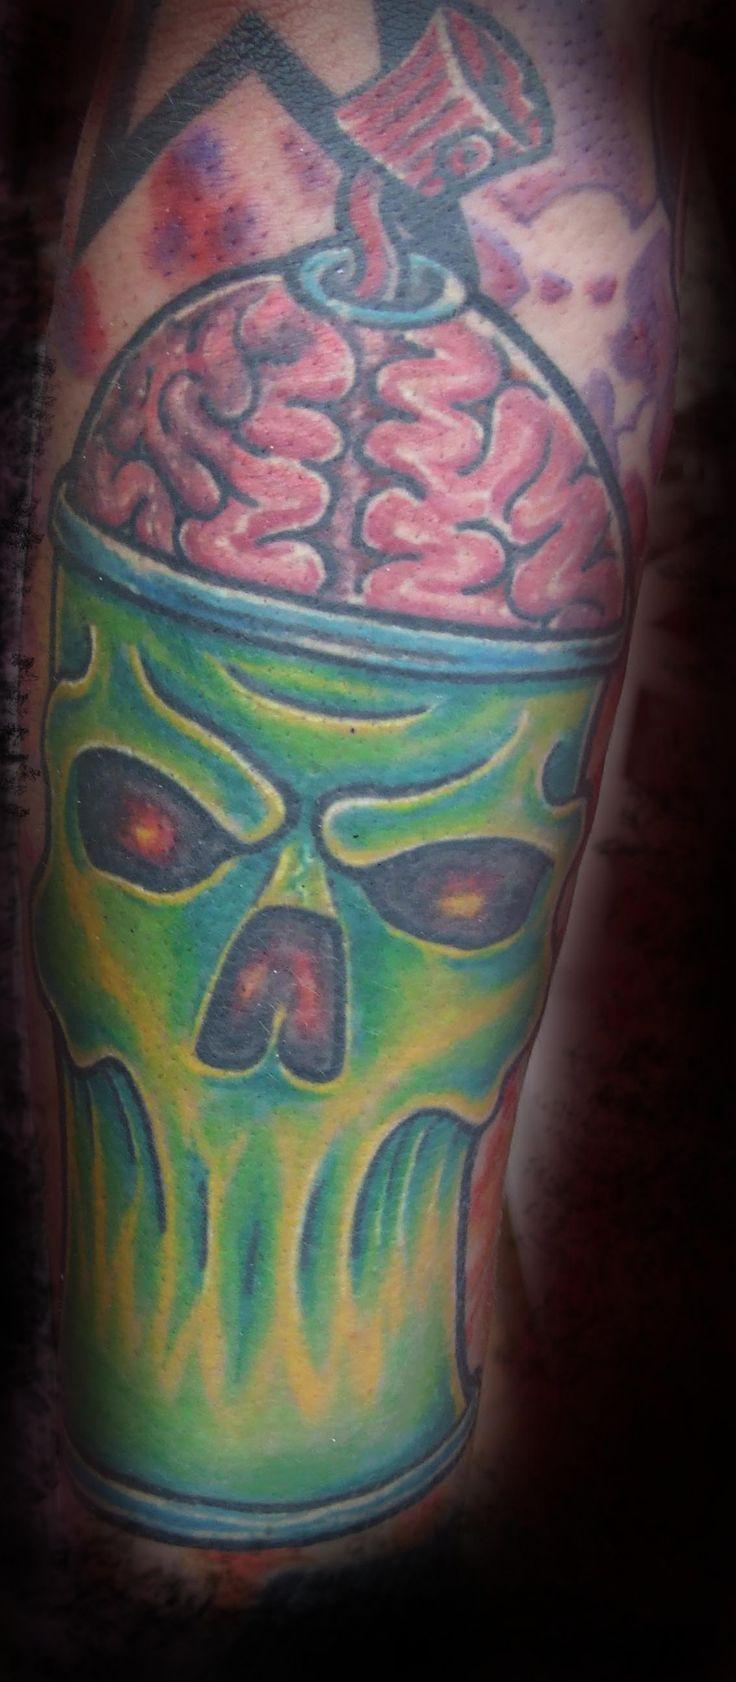 Graffiti art tattoo - Spray Can Skull Graffiti Tattoo